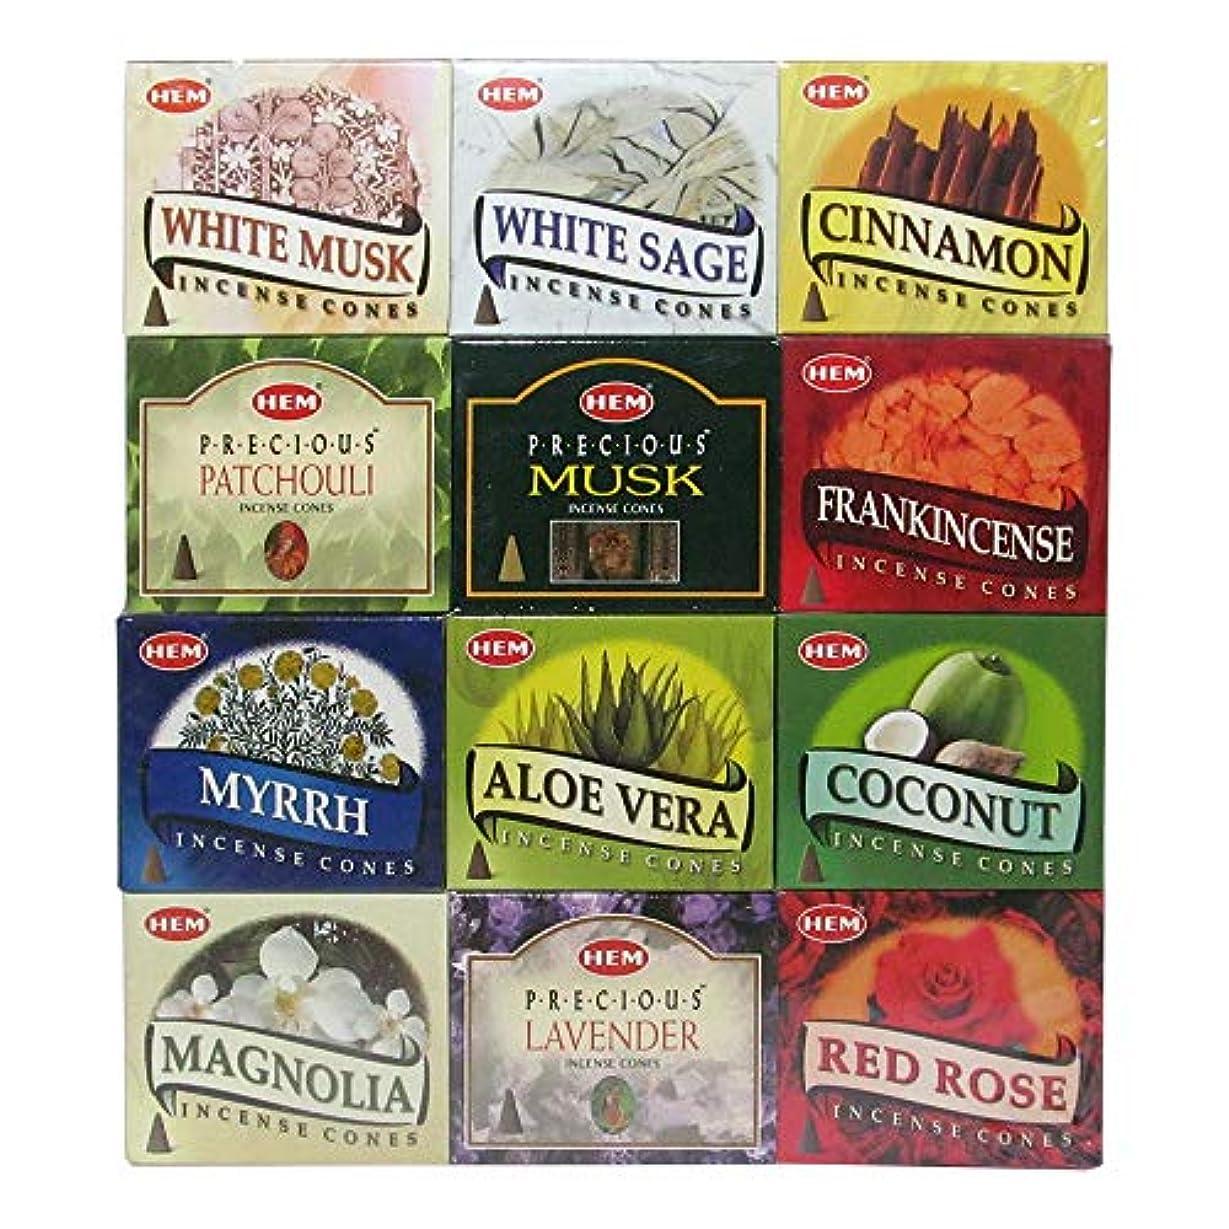 損なう性能葡萄12 Assorted Boxes of HEM Incense Cones, Best Sellers Set 12 X 10 (120 total)